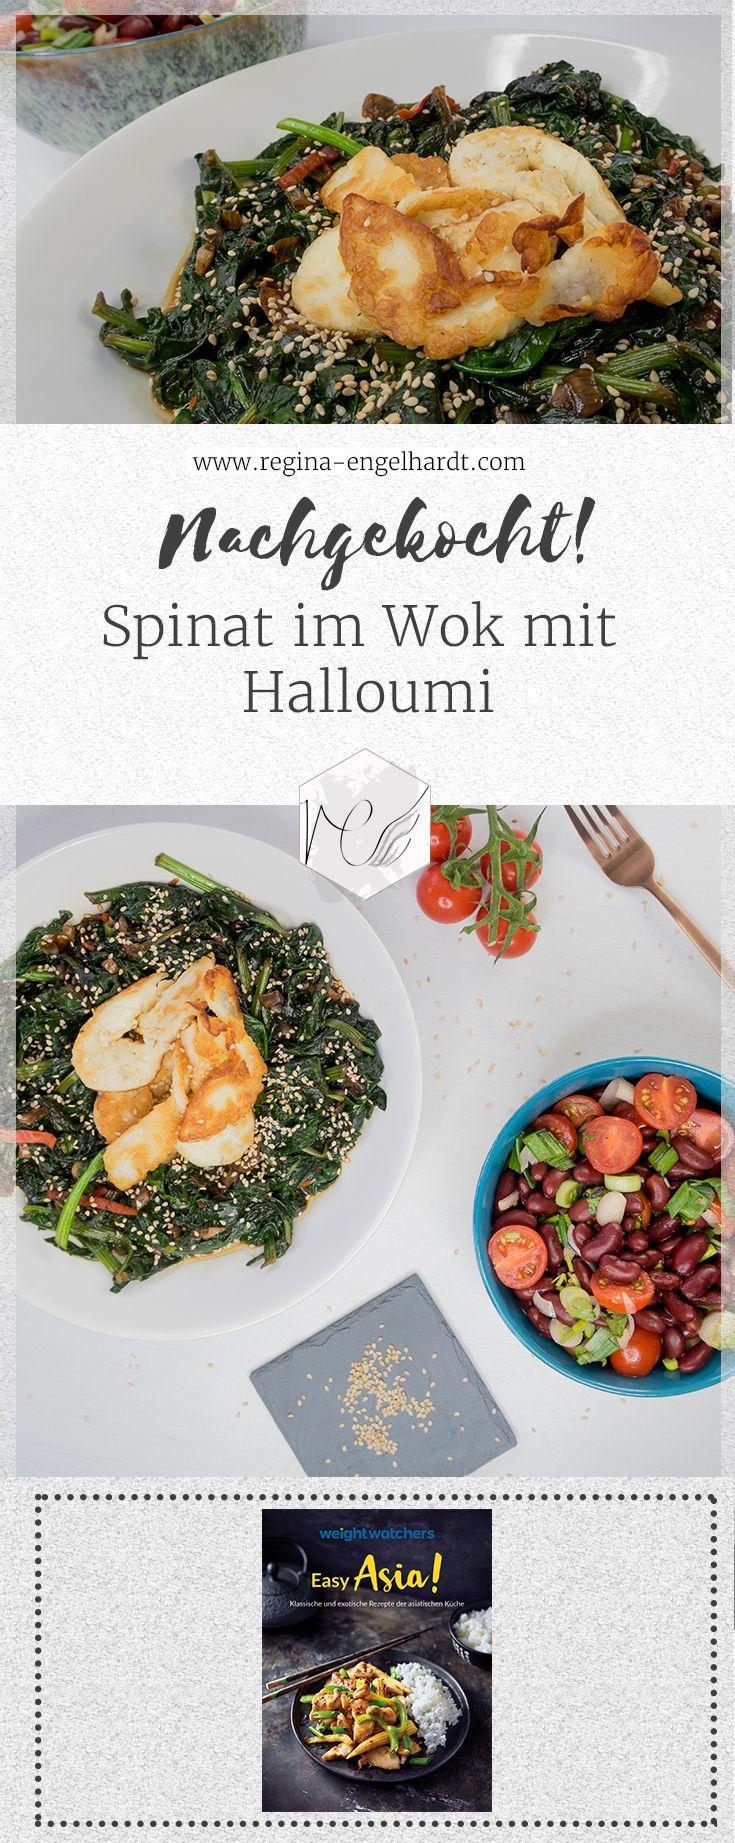 Nachgekocht! Spinat im Wok mit Halloumi